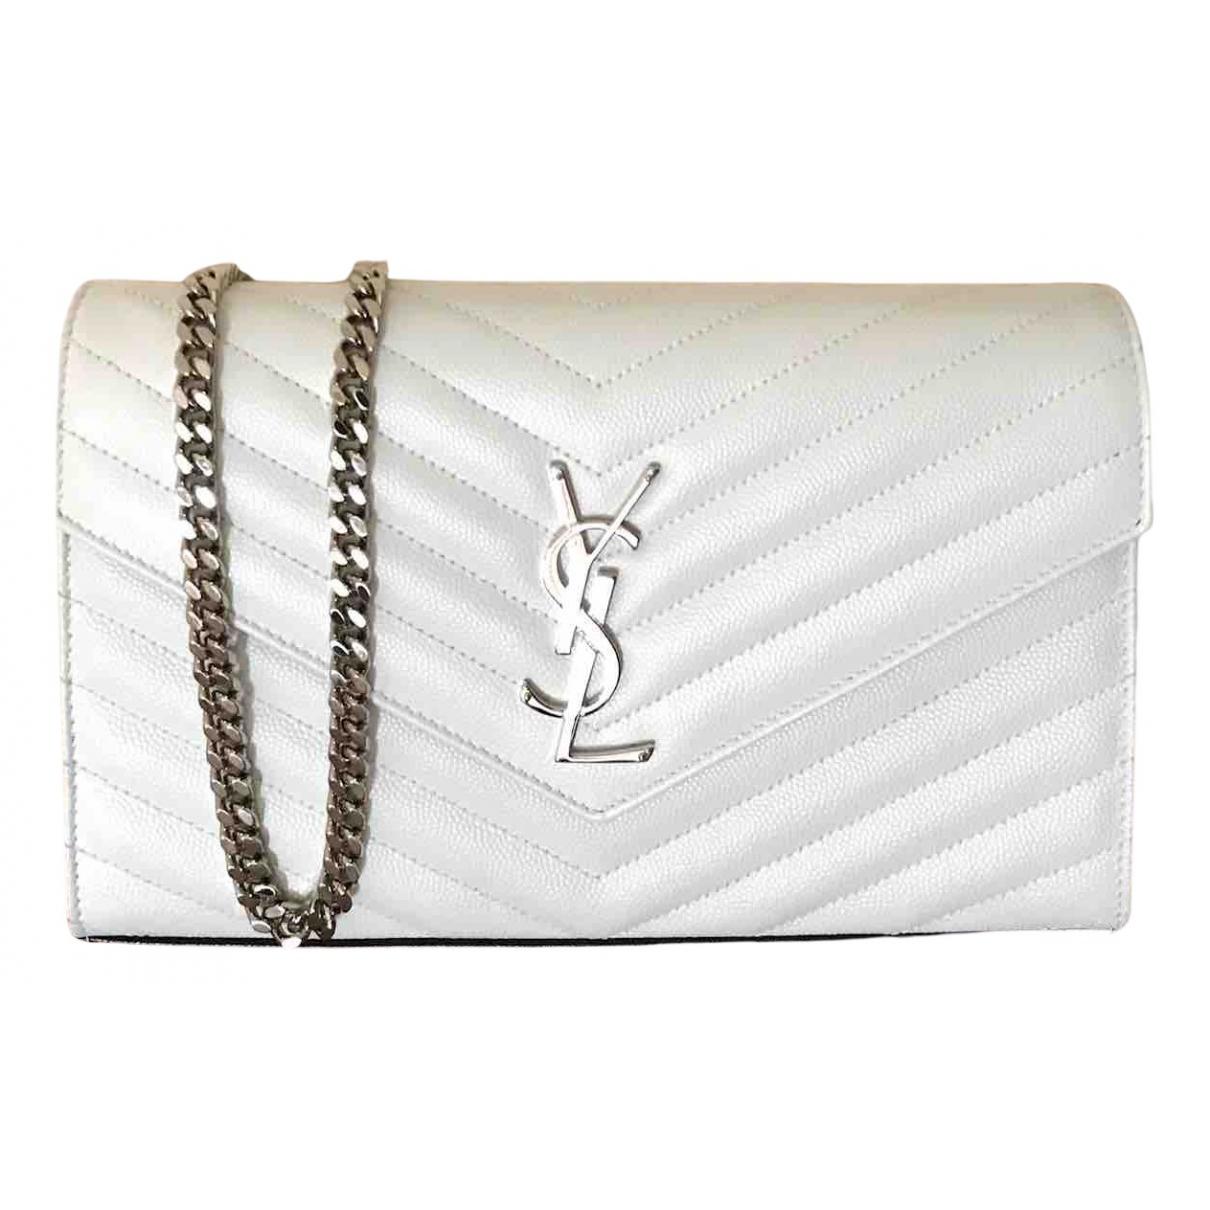 Saint Laurent - Pochette Portefeuille enveloppe pour femme en cuir - blanc